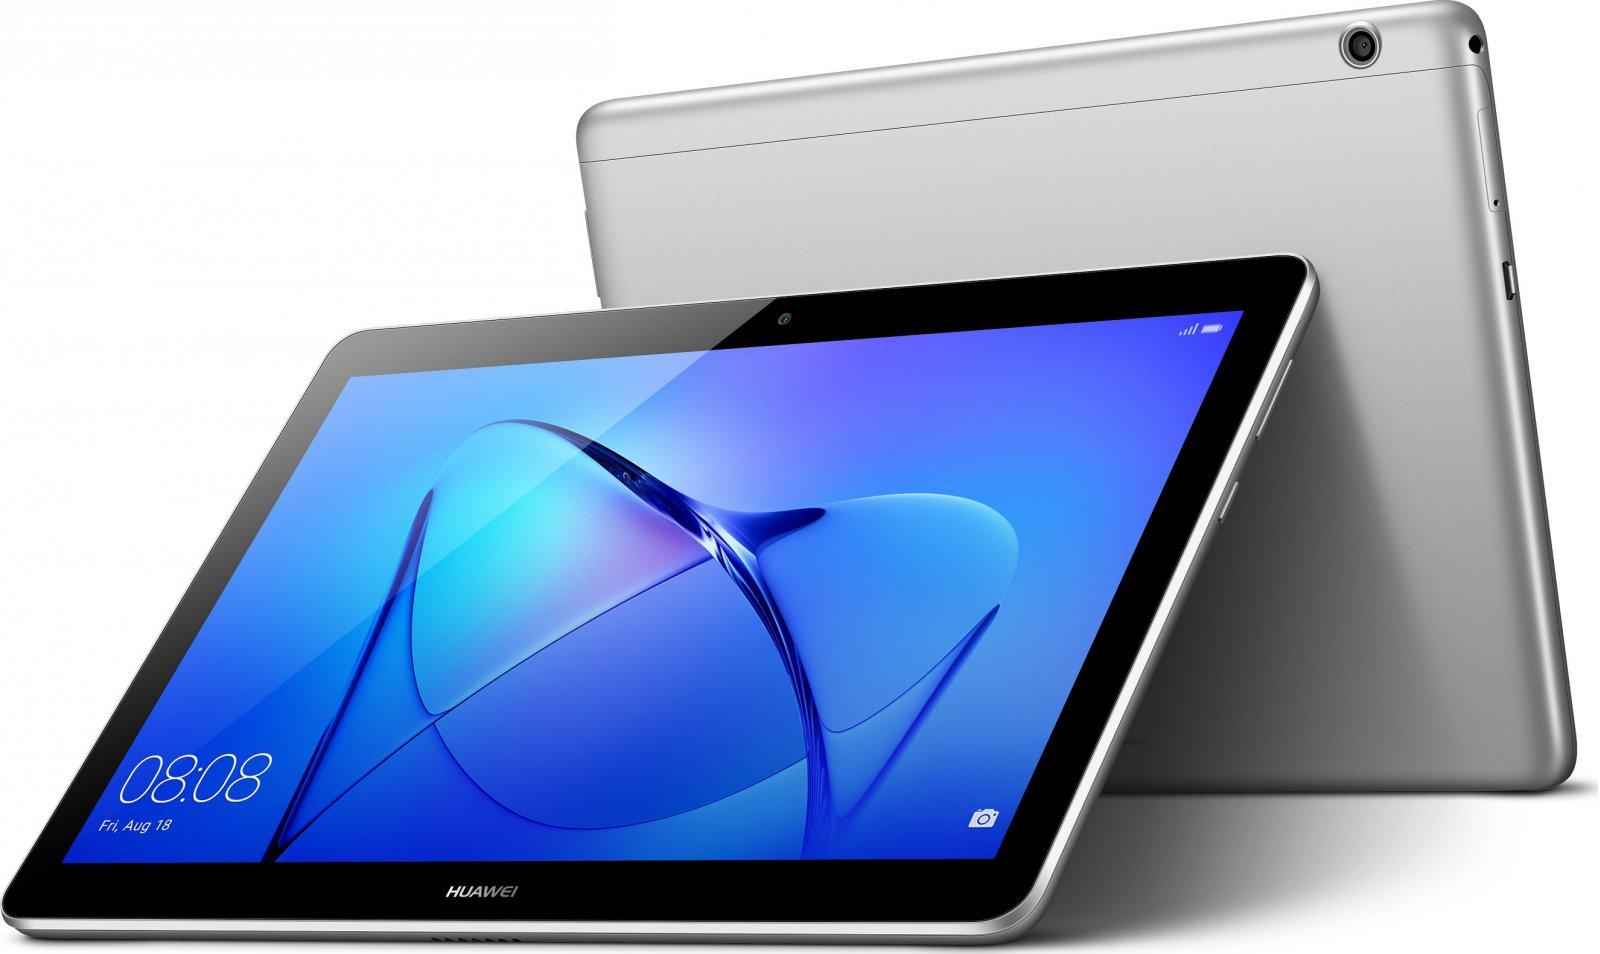 6bd76ce0e Huawei MediaPad T3 10 16 GB WiFi šedý (TA-T310W16TOM)